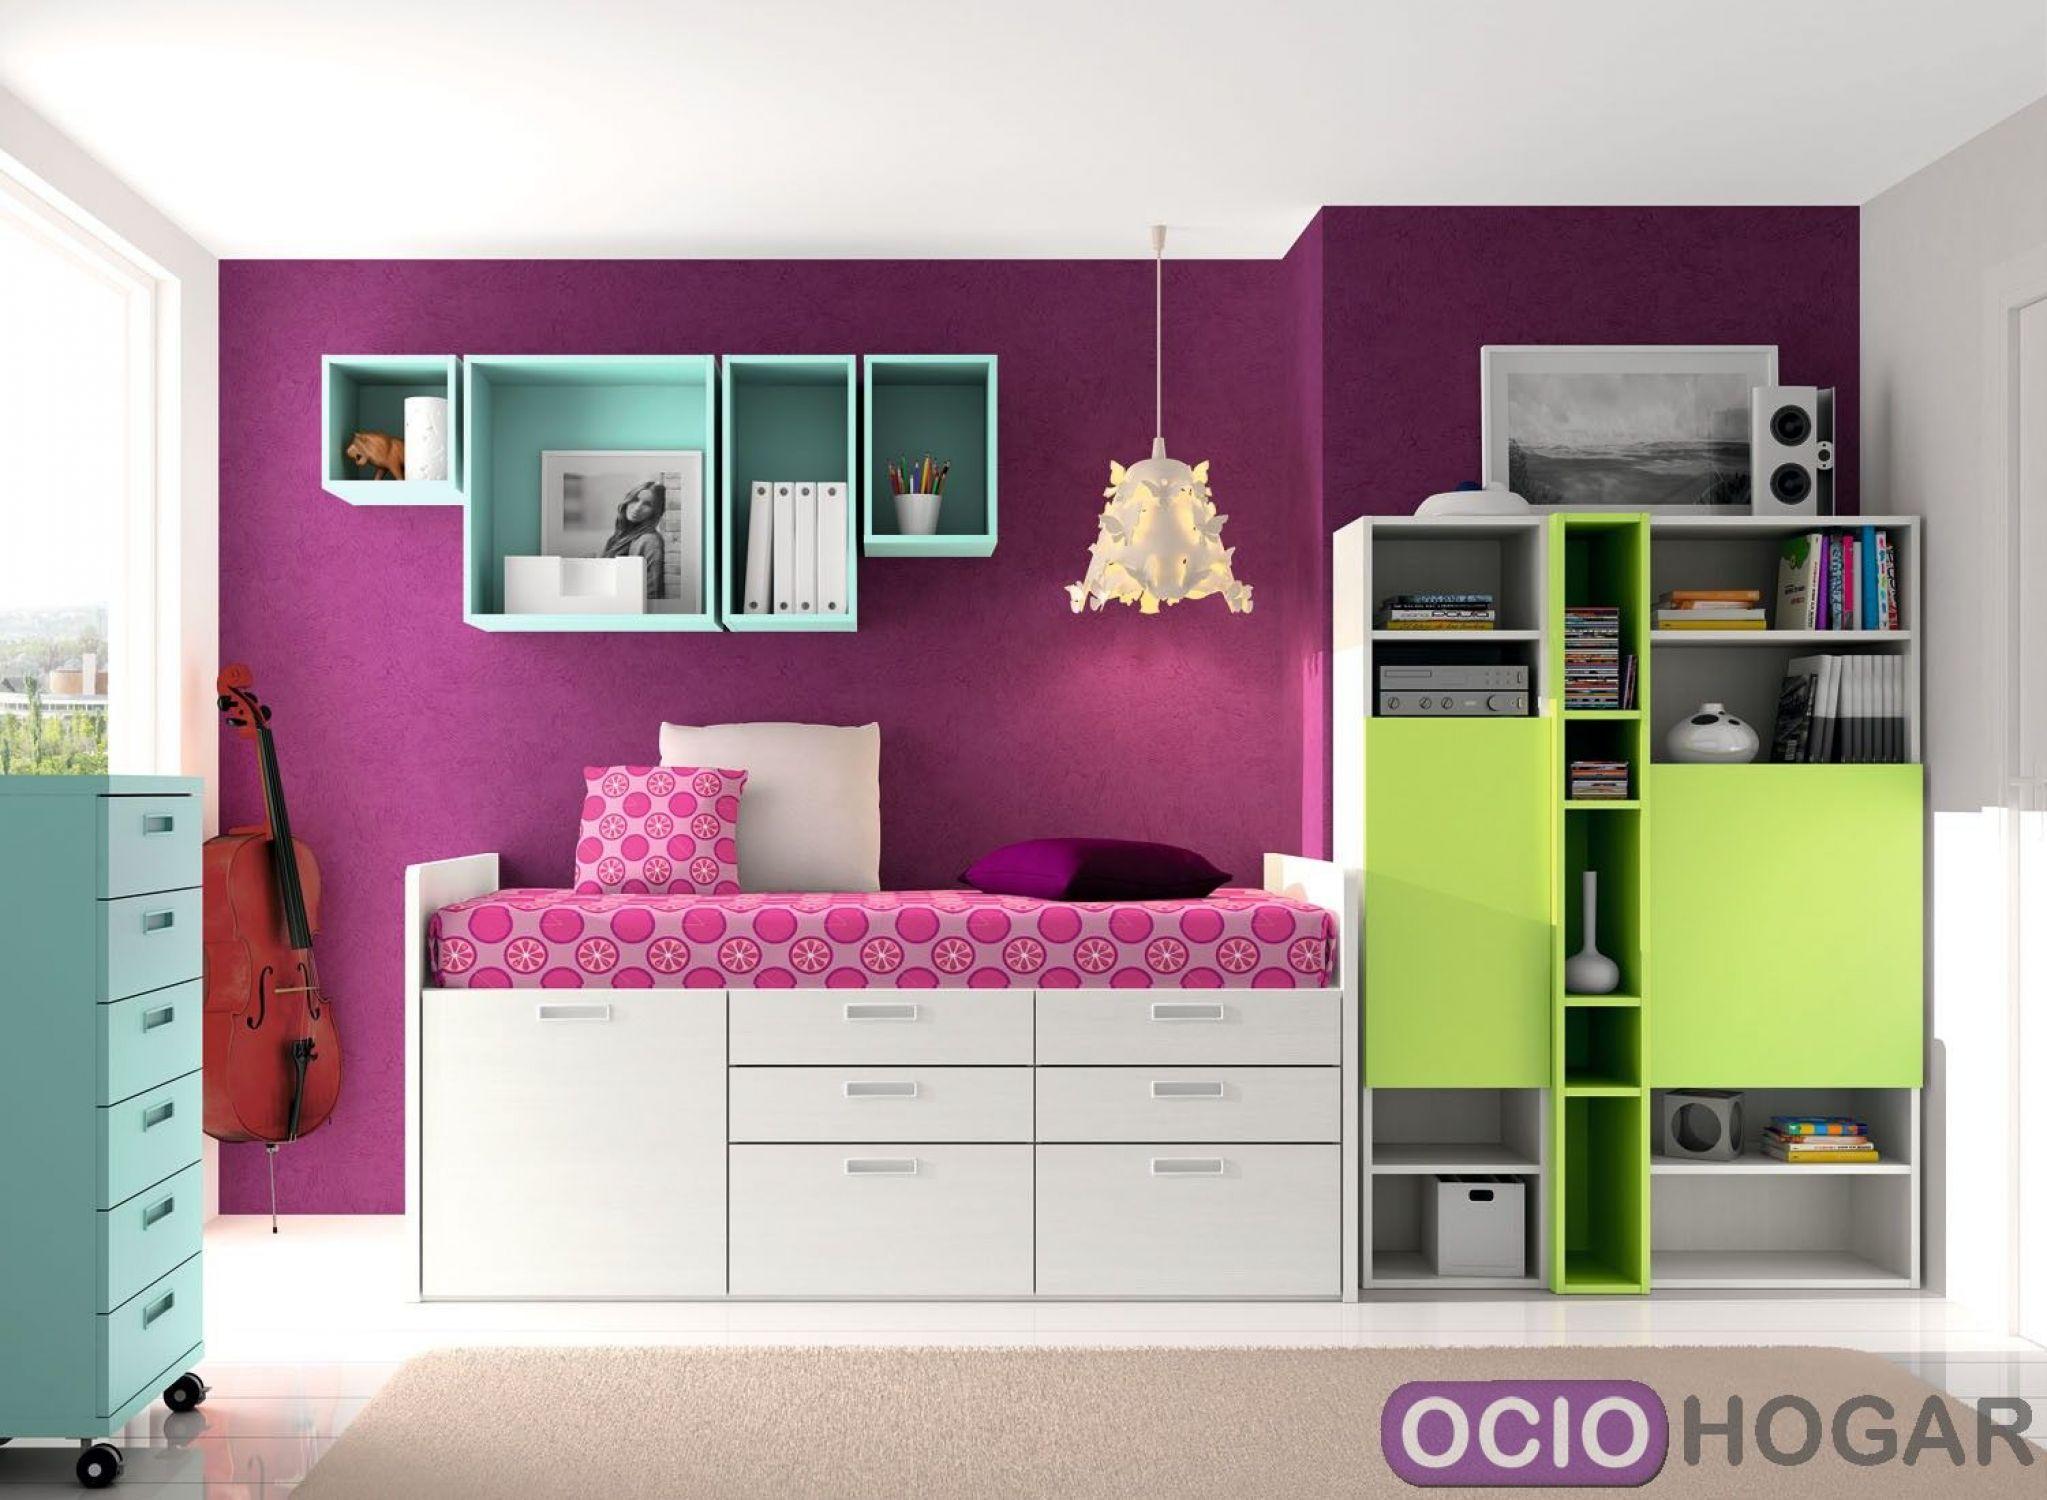 Dormitorio juvenil spacios de dissery muebles modernos for Muebles juveniles modernos